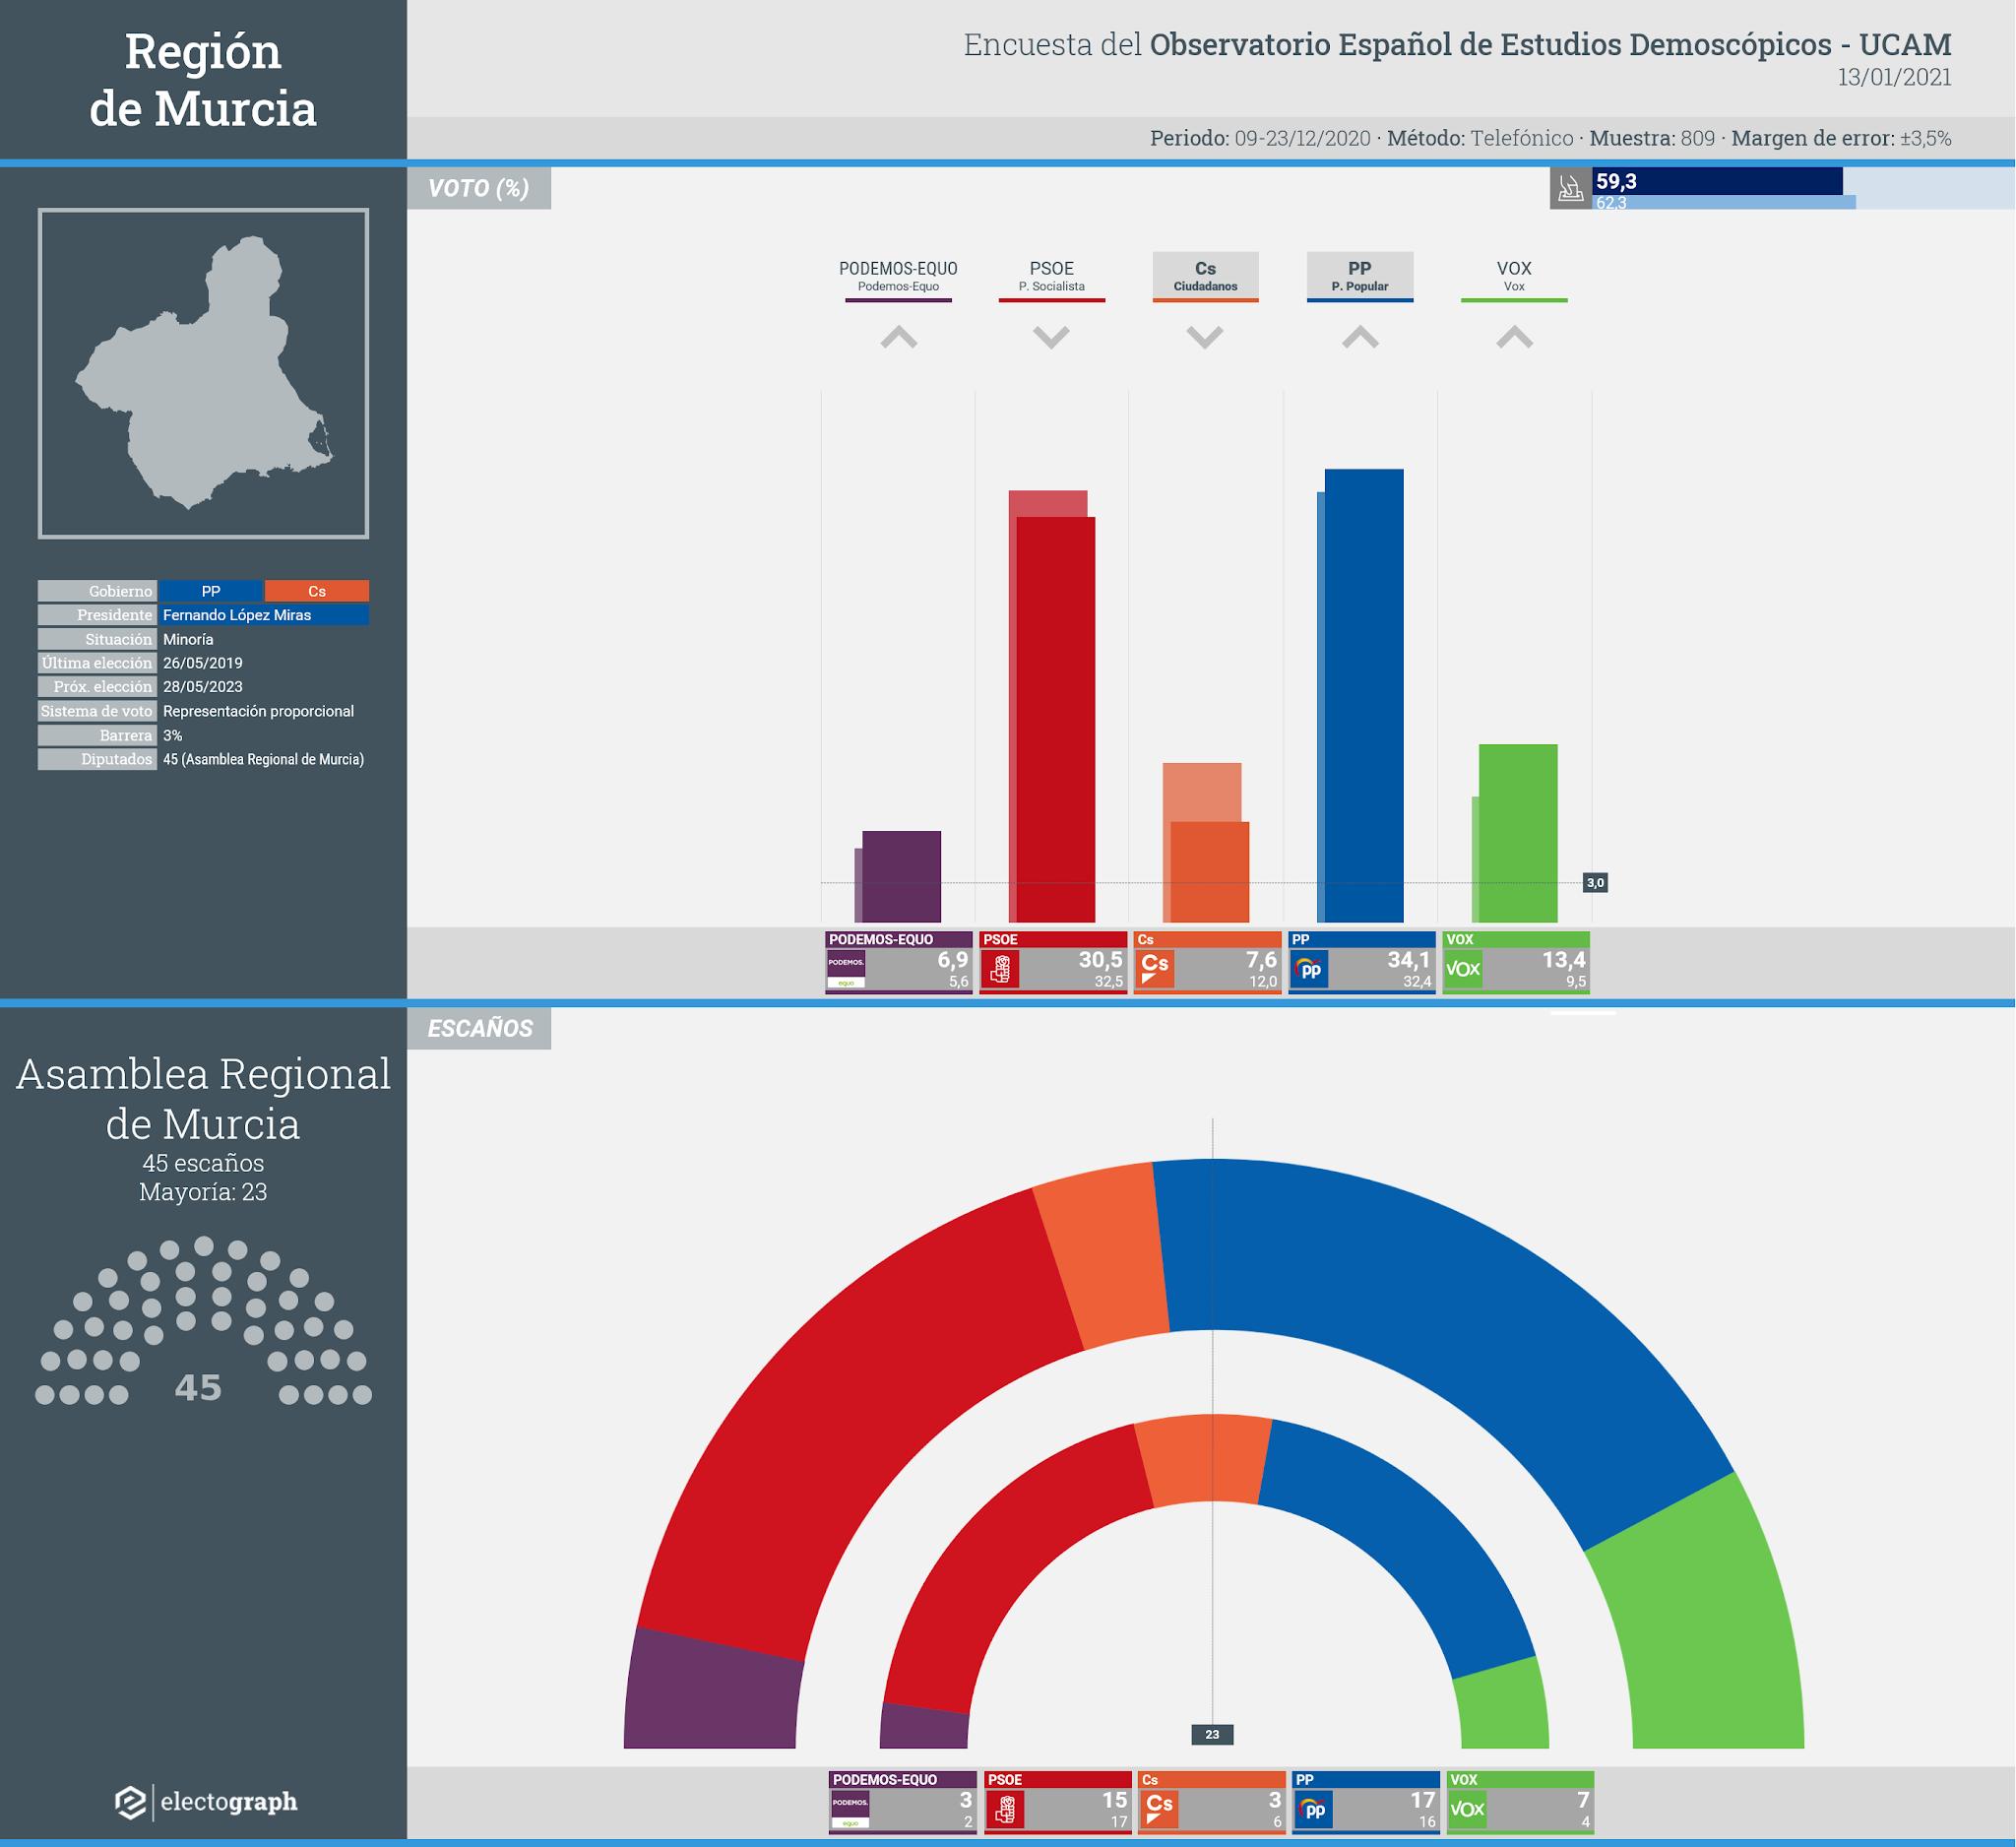 Gráfico de la encuesta para elecciones autonómicas en la Región de Murcia realizada por el Observatorio Español de Estudios Demoscópicos (UCAM), 13 de enero de 2021